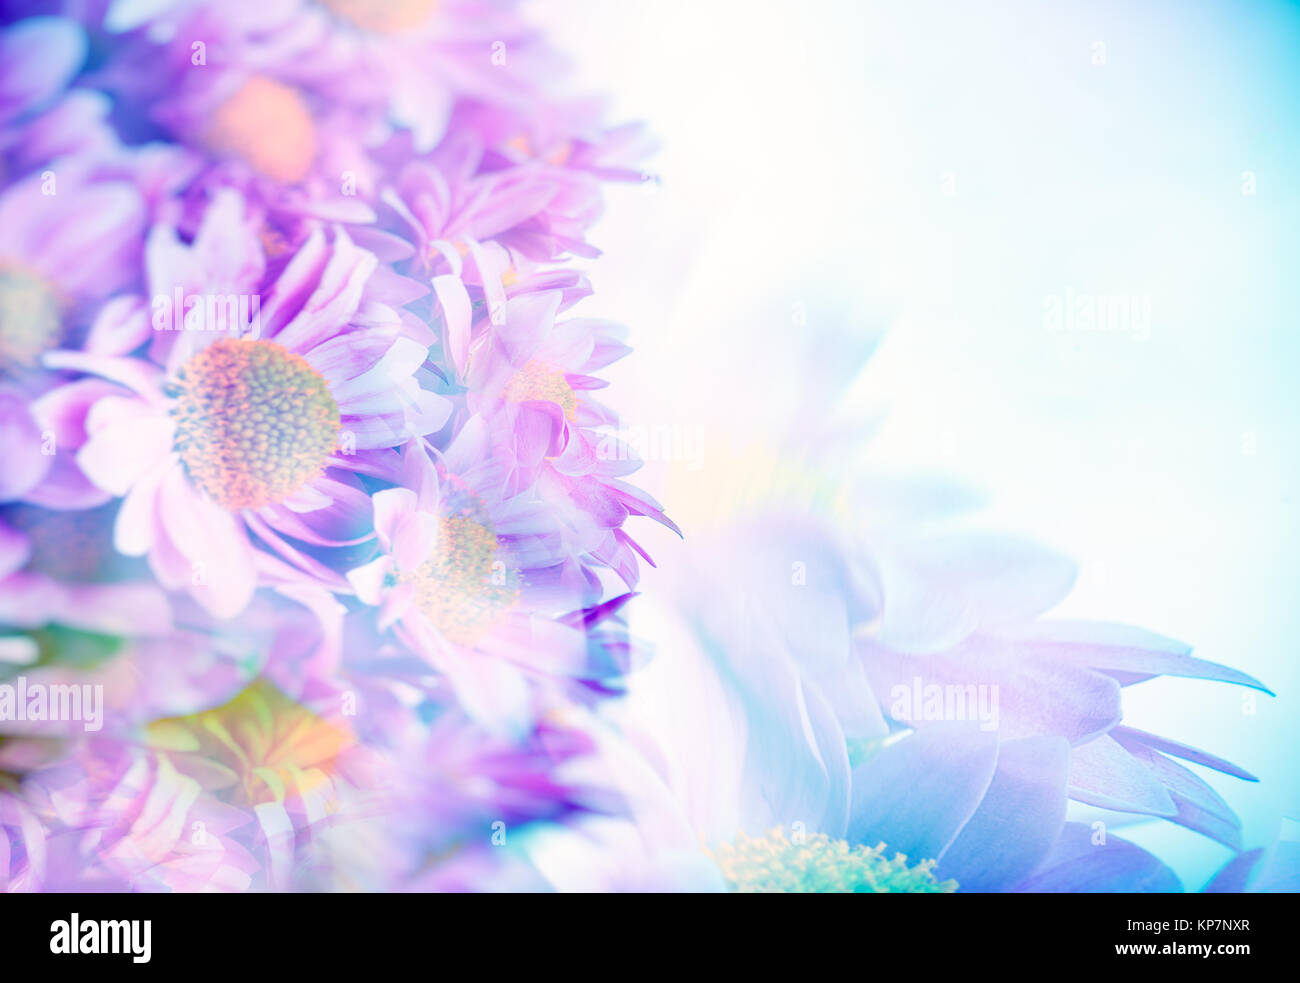 Belle Image Rose Bleu bordure d'une belle rose bleu fleurs daisy, bouquet de fleurs douces